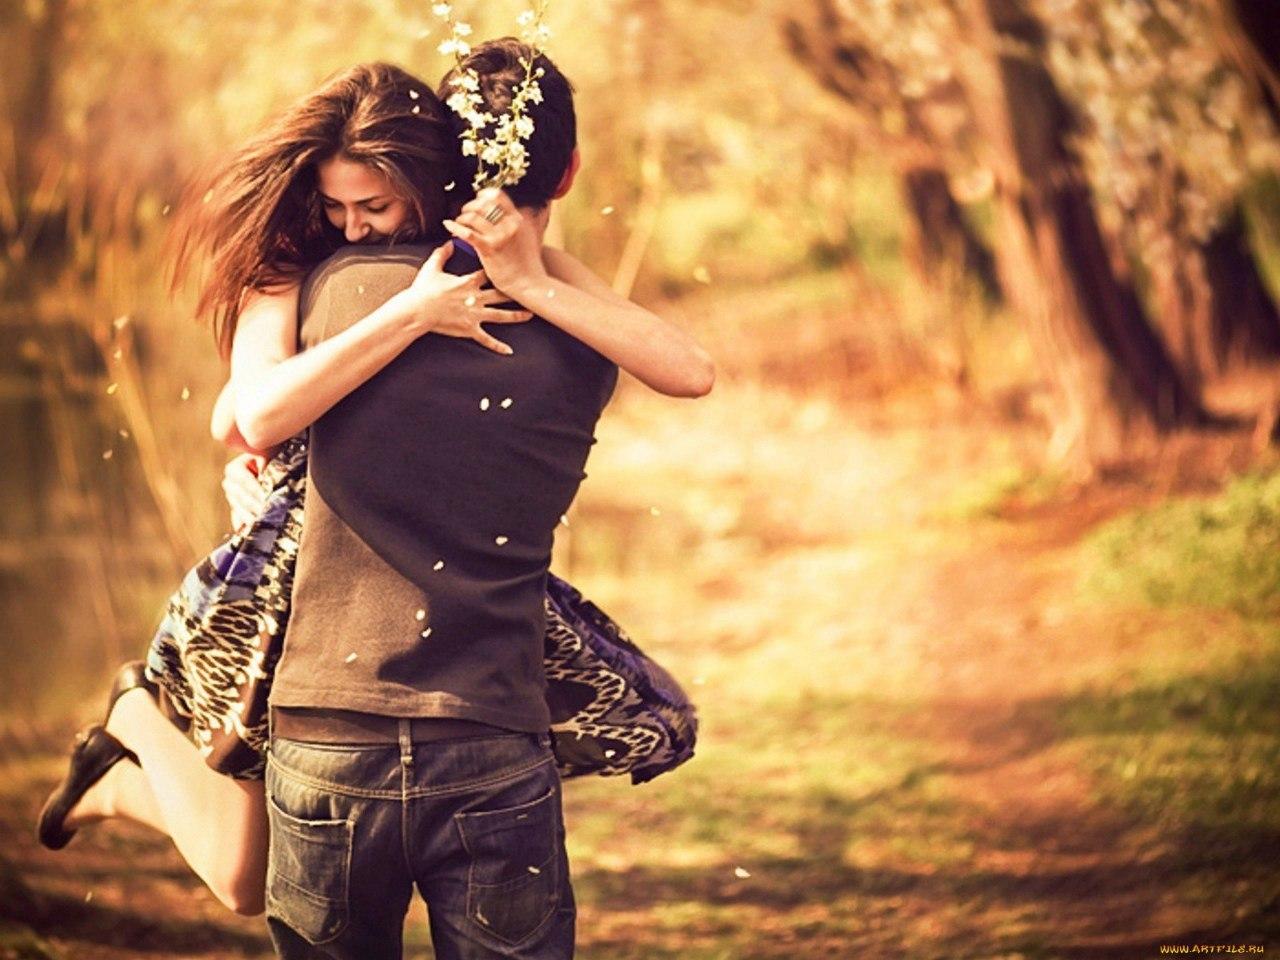 Fotos de casal apaixonado se beijando 63